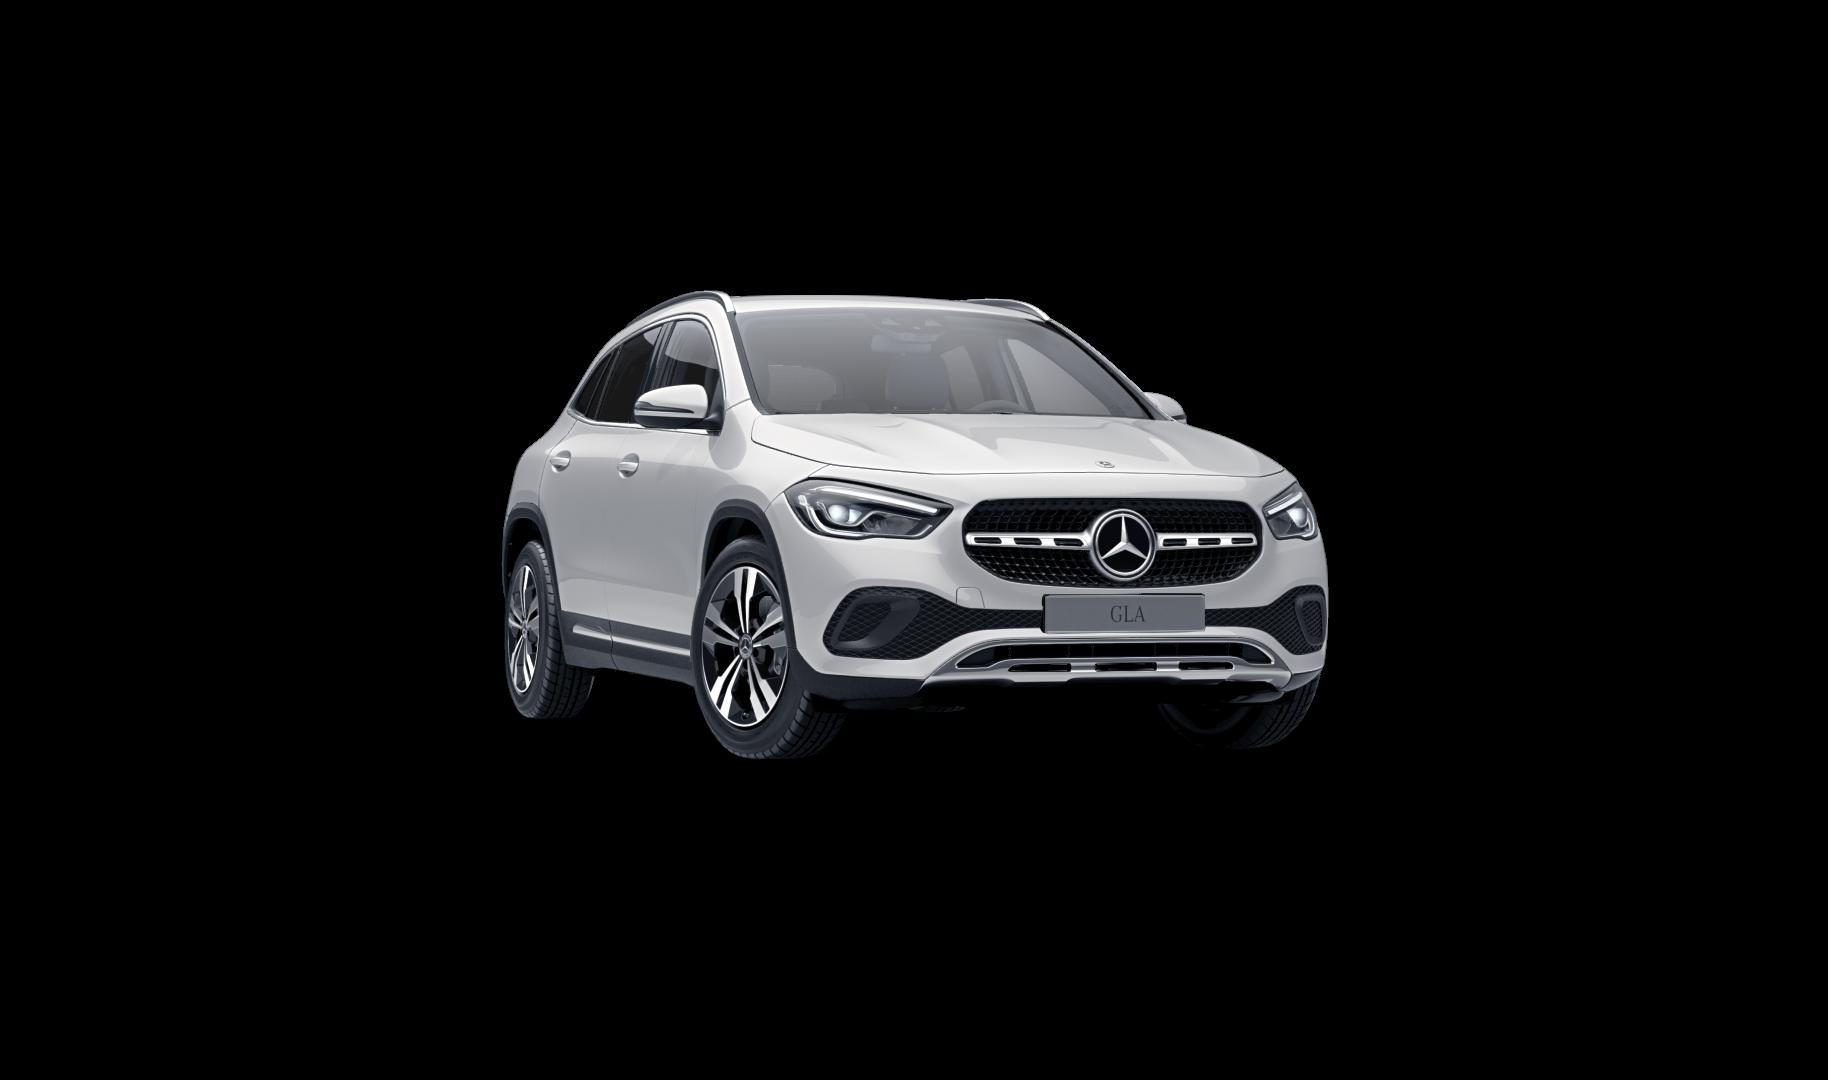 Mercedes Benz GLA noir Finition Style : Vue de trois quarts de profil à l'arrêt